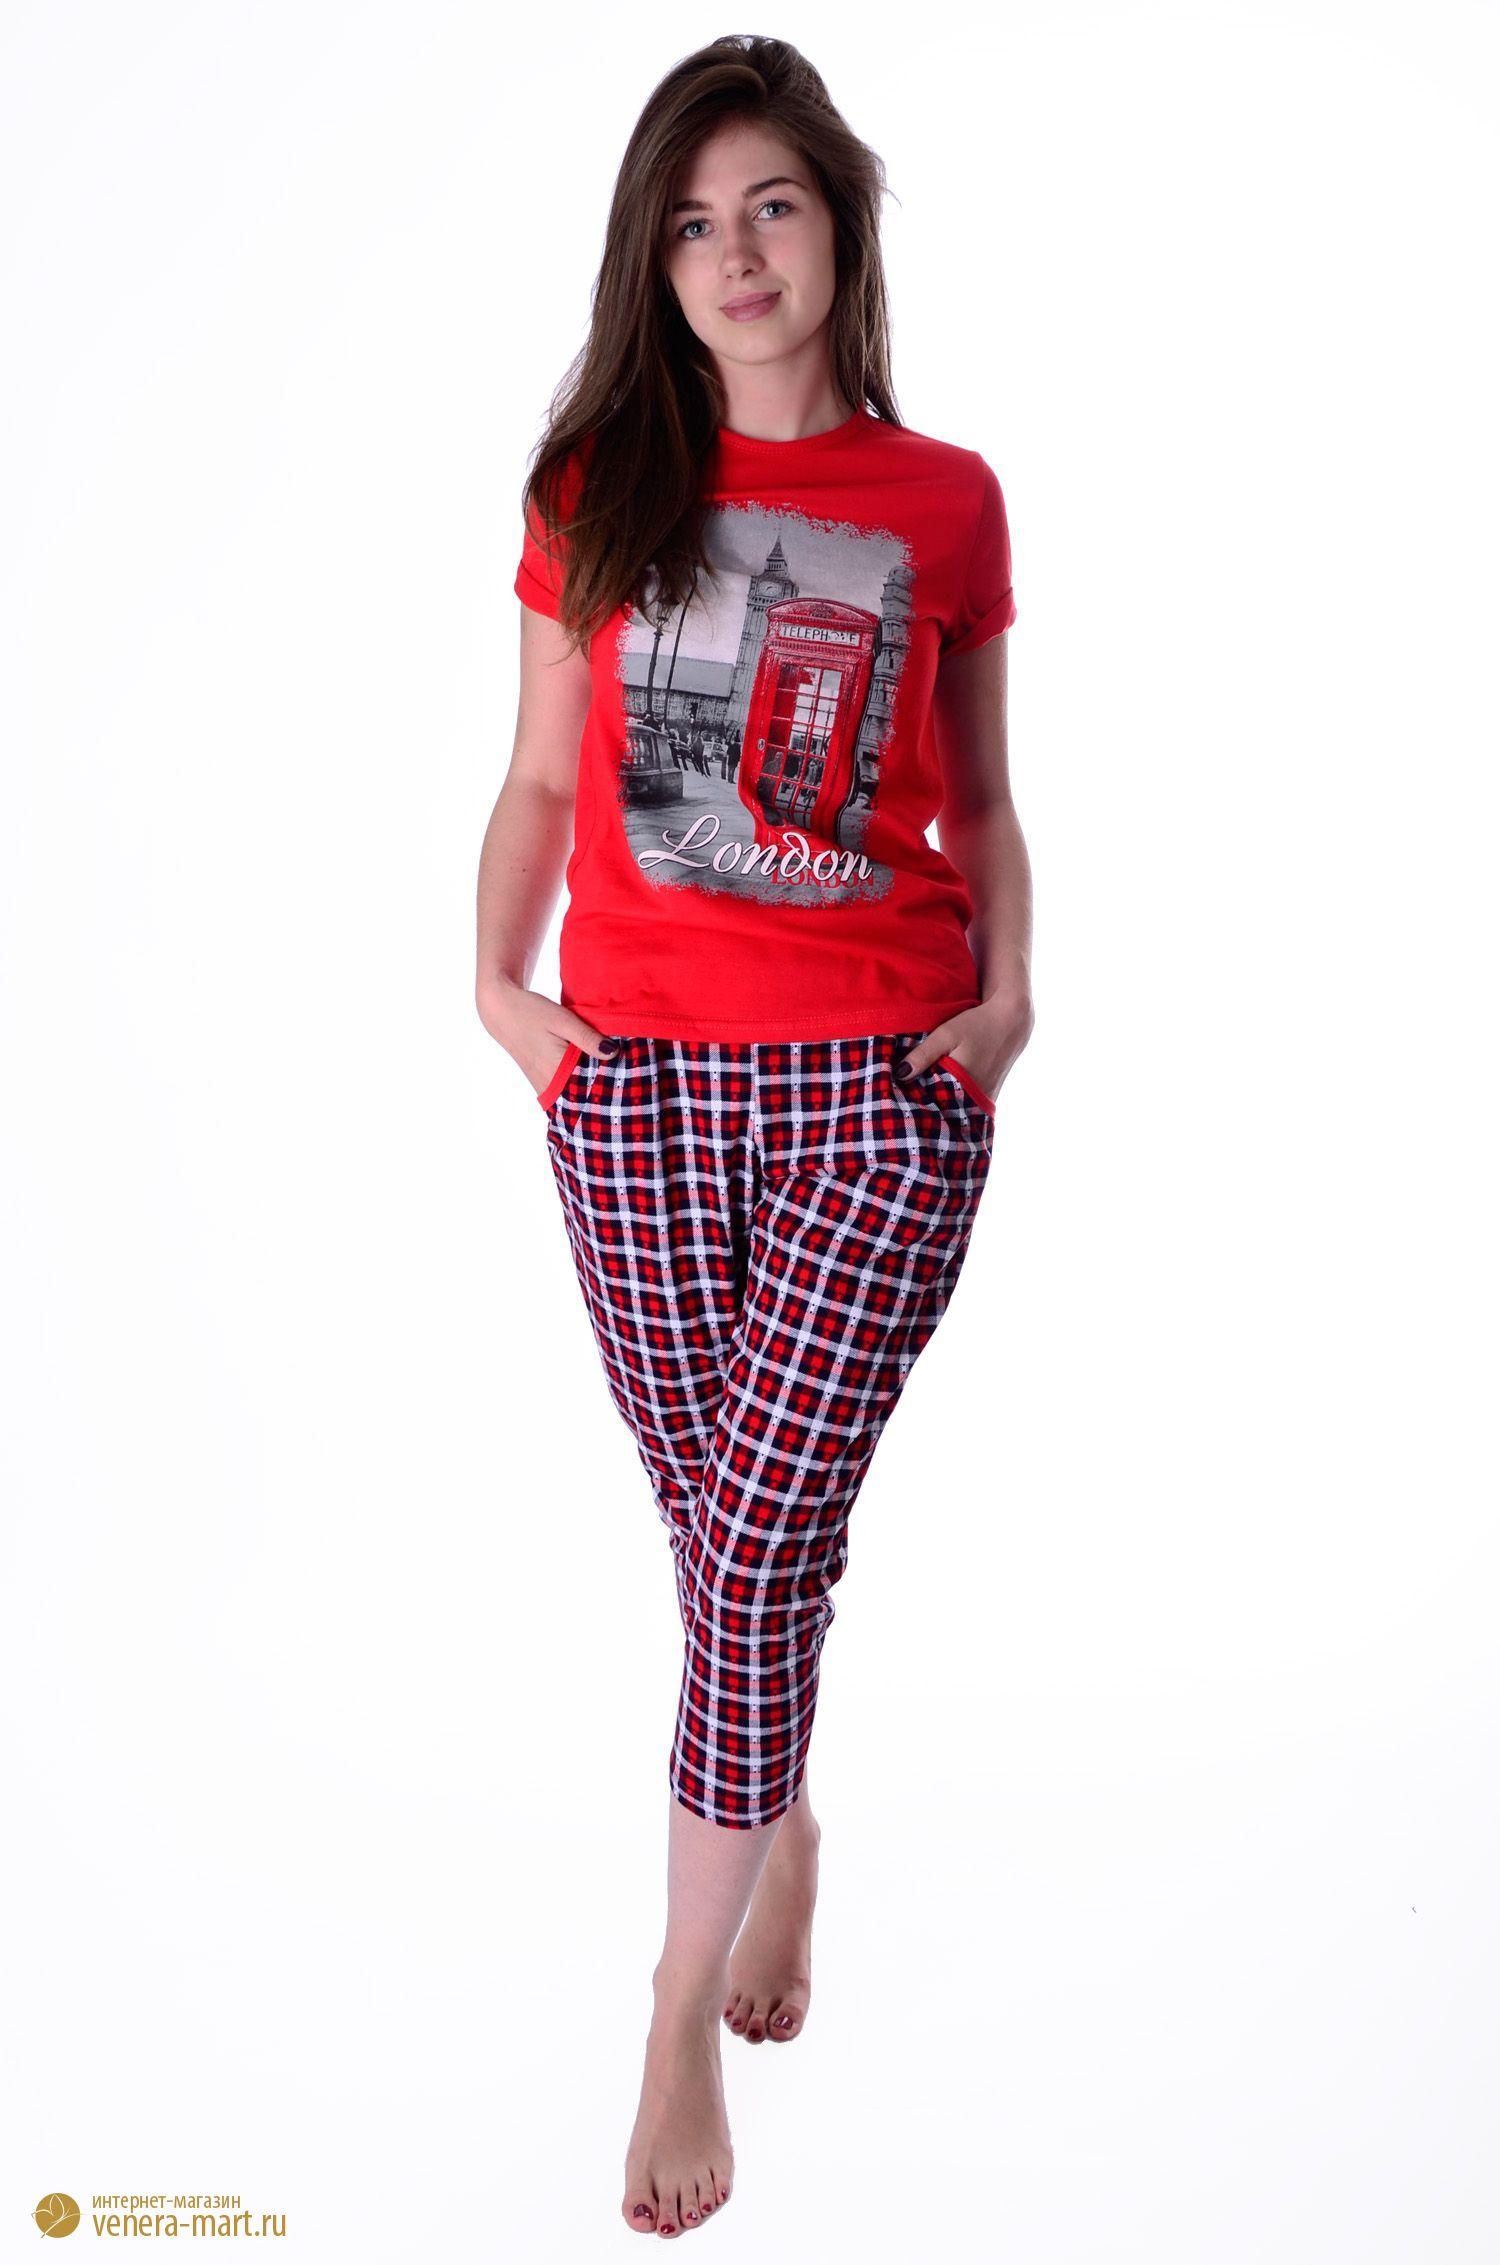 Костюм женский Лондон футболка и бриджиДомашняя одежда<br><br><br>Размер: 54